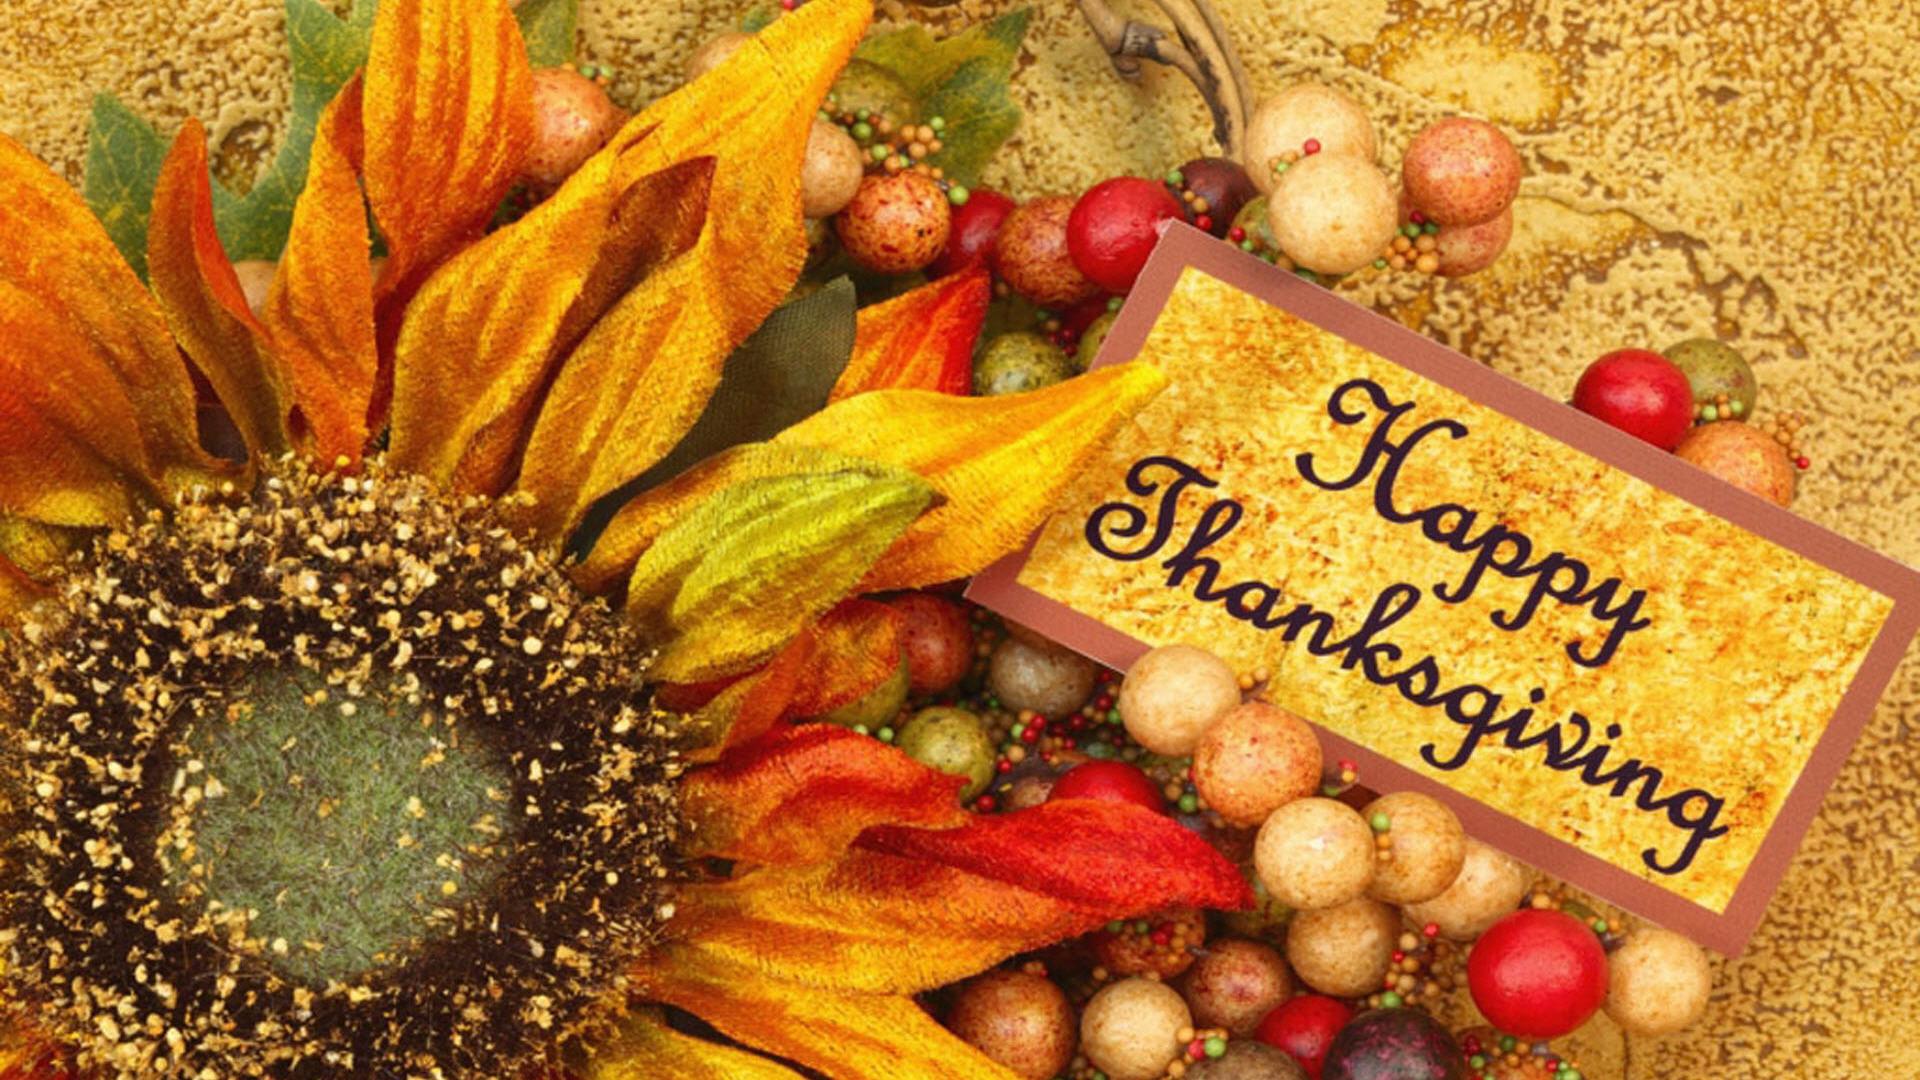 Free Desktop Wallpapers Thanksgiving Wallpaper 1920×1080